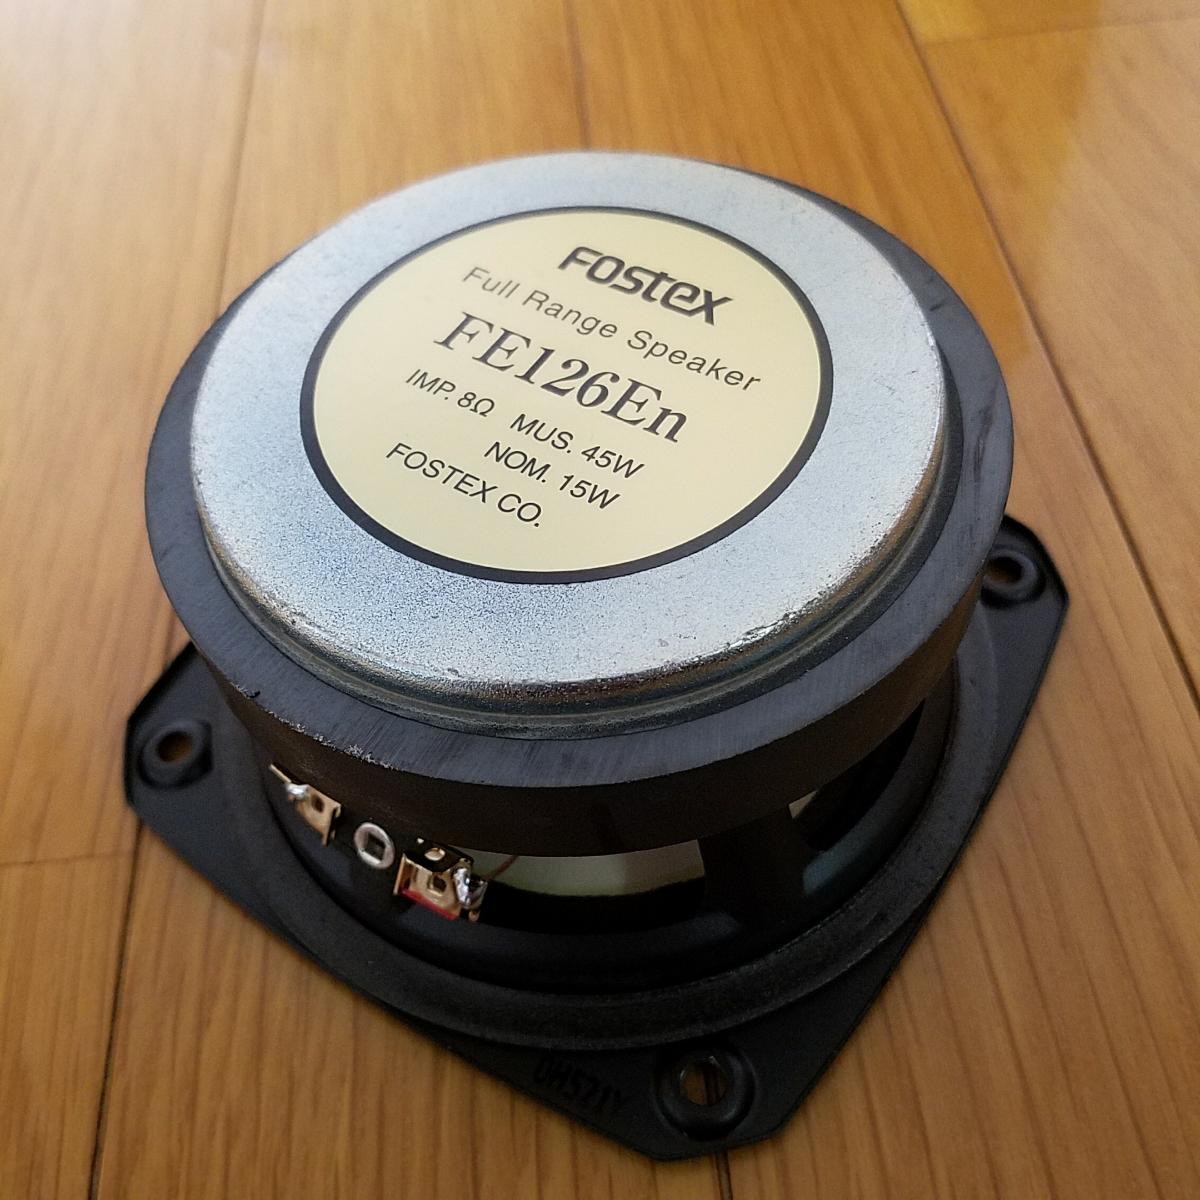 FOSTEX FE126en バックロードホーン BK126En 搭載 自作スピーカー ペア フォステクス_画像4